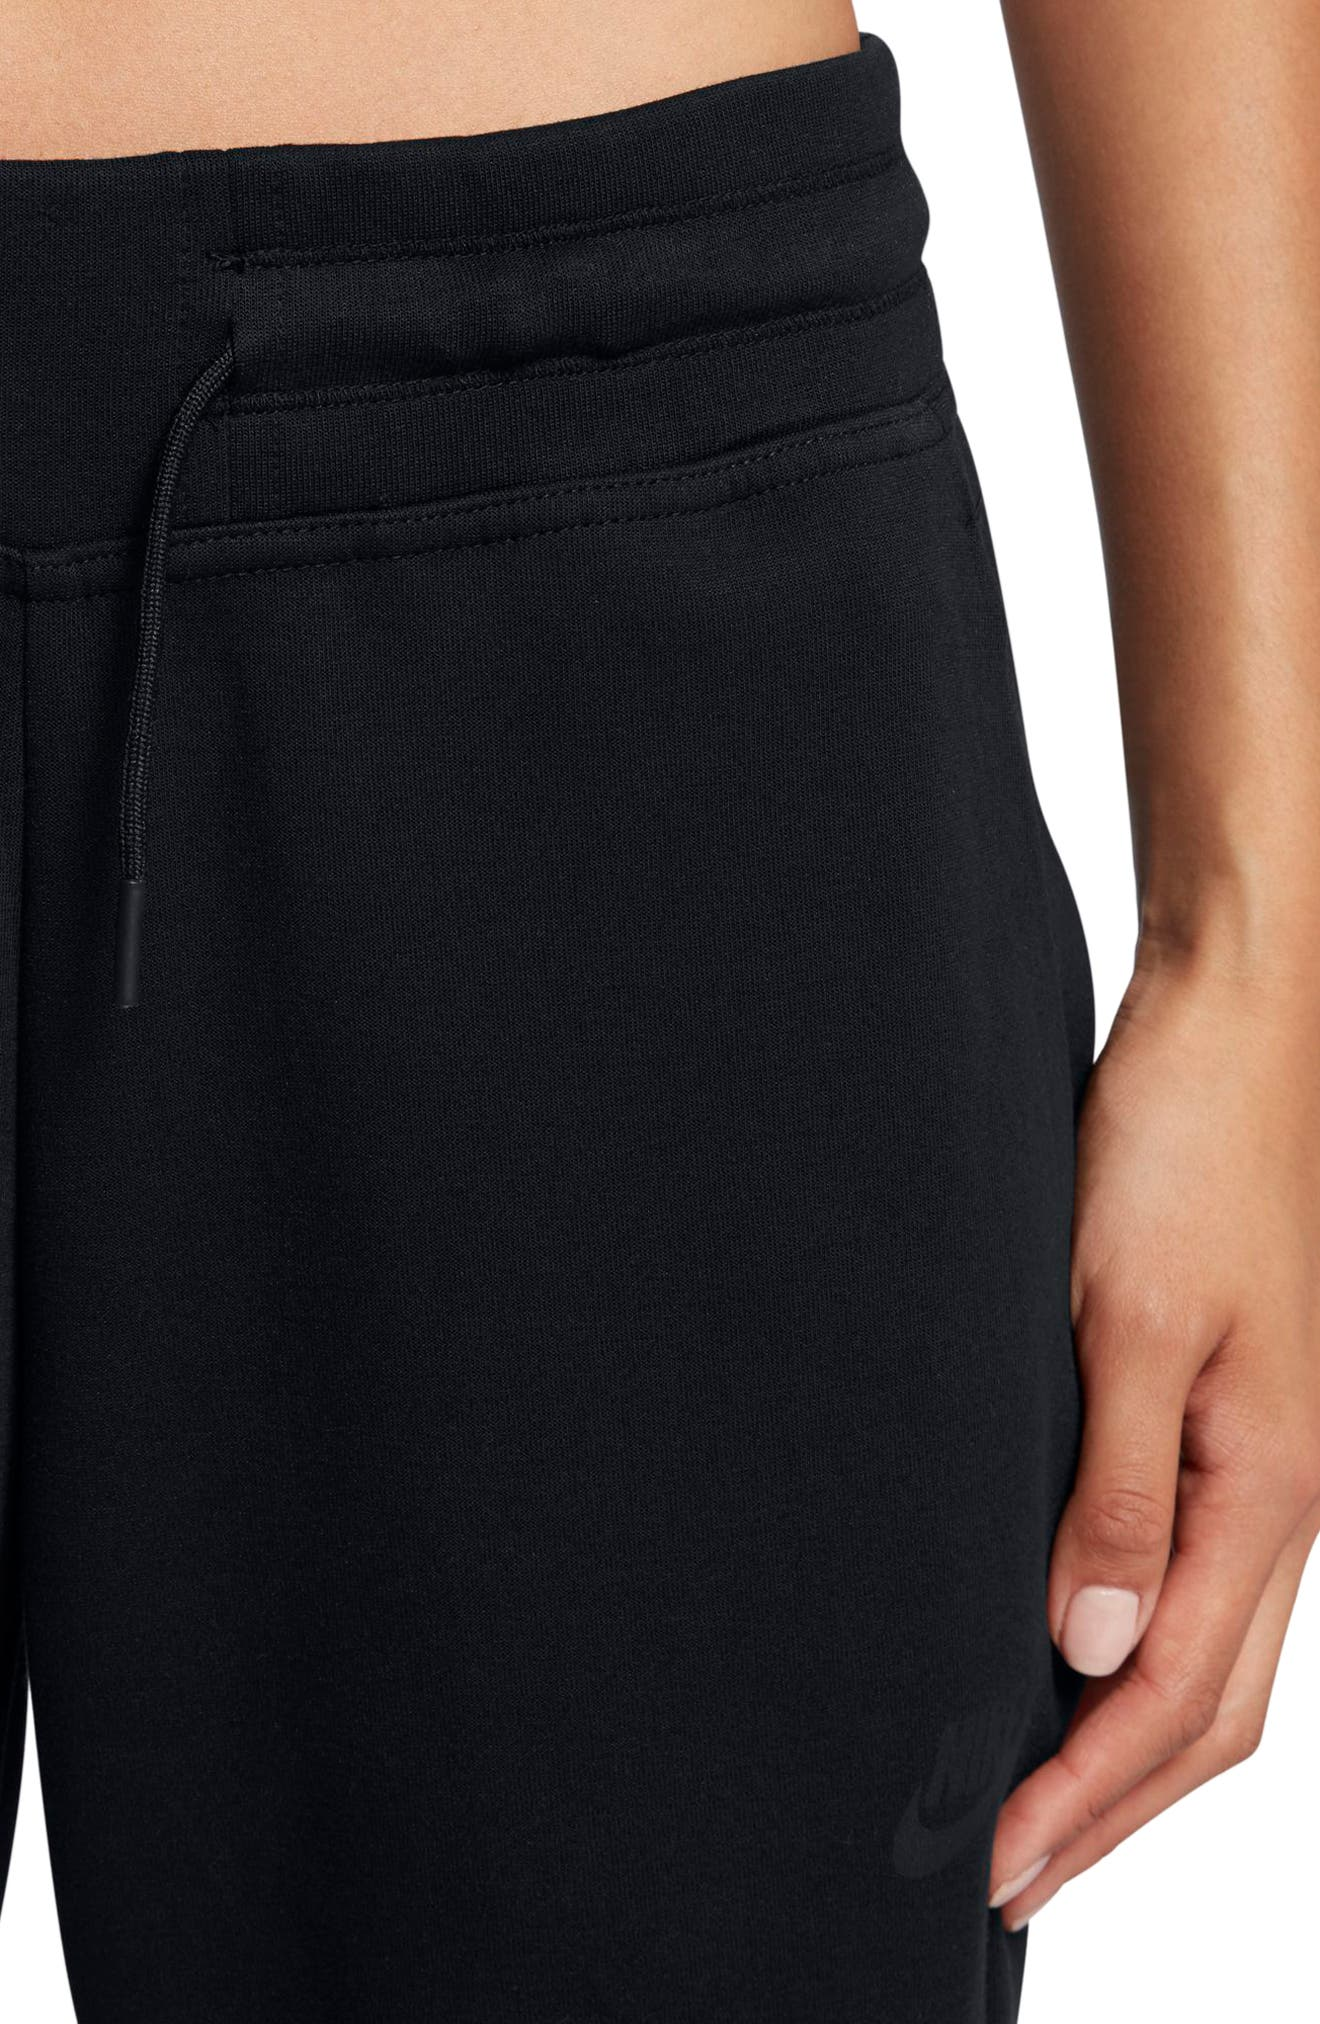 Sportswear Women's Tech Fleece Pants,                             Alternate thumbnail 4, color,                             010